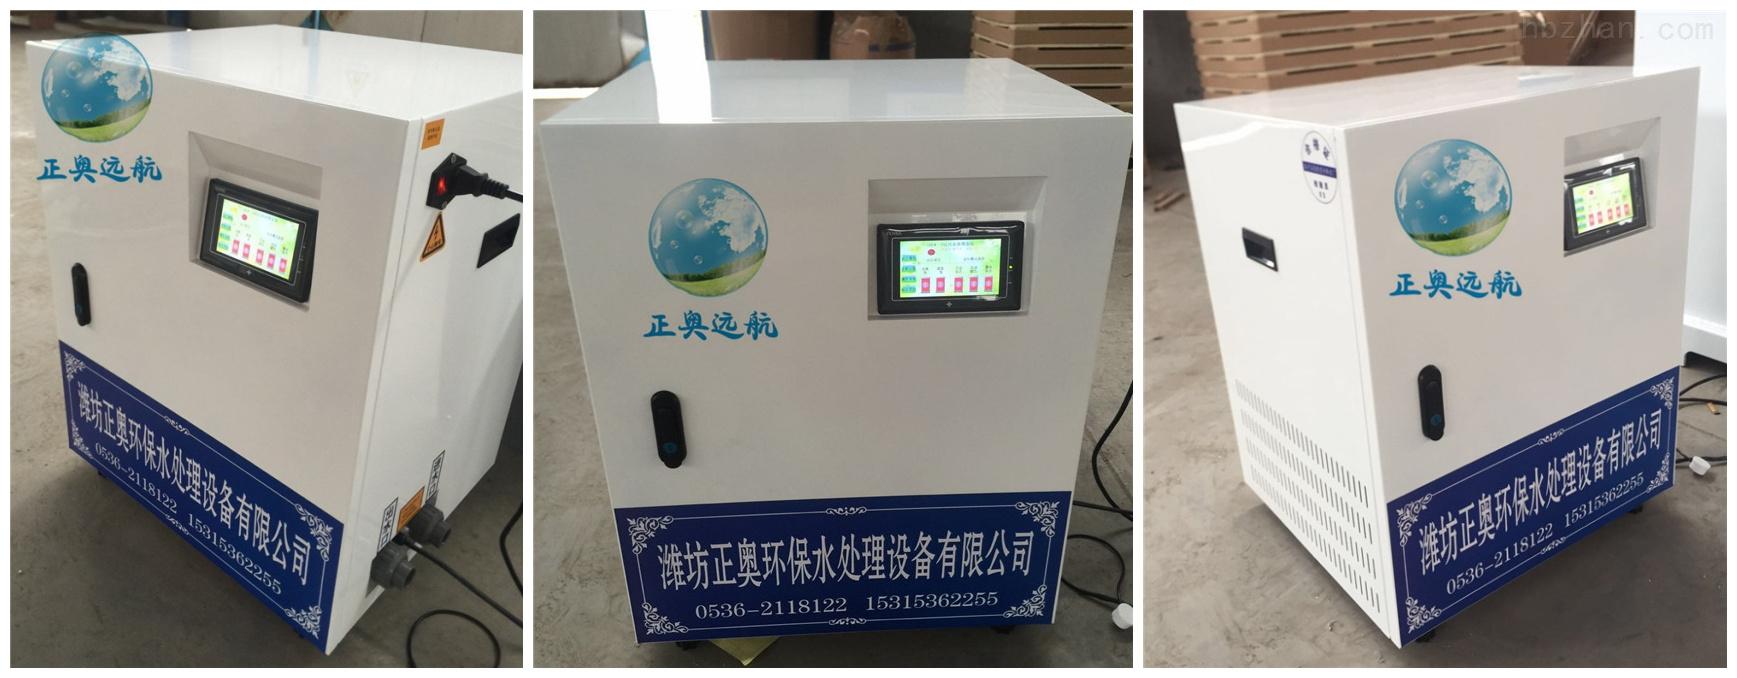 宝鸡中医医院污水处理设备研发设计